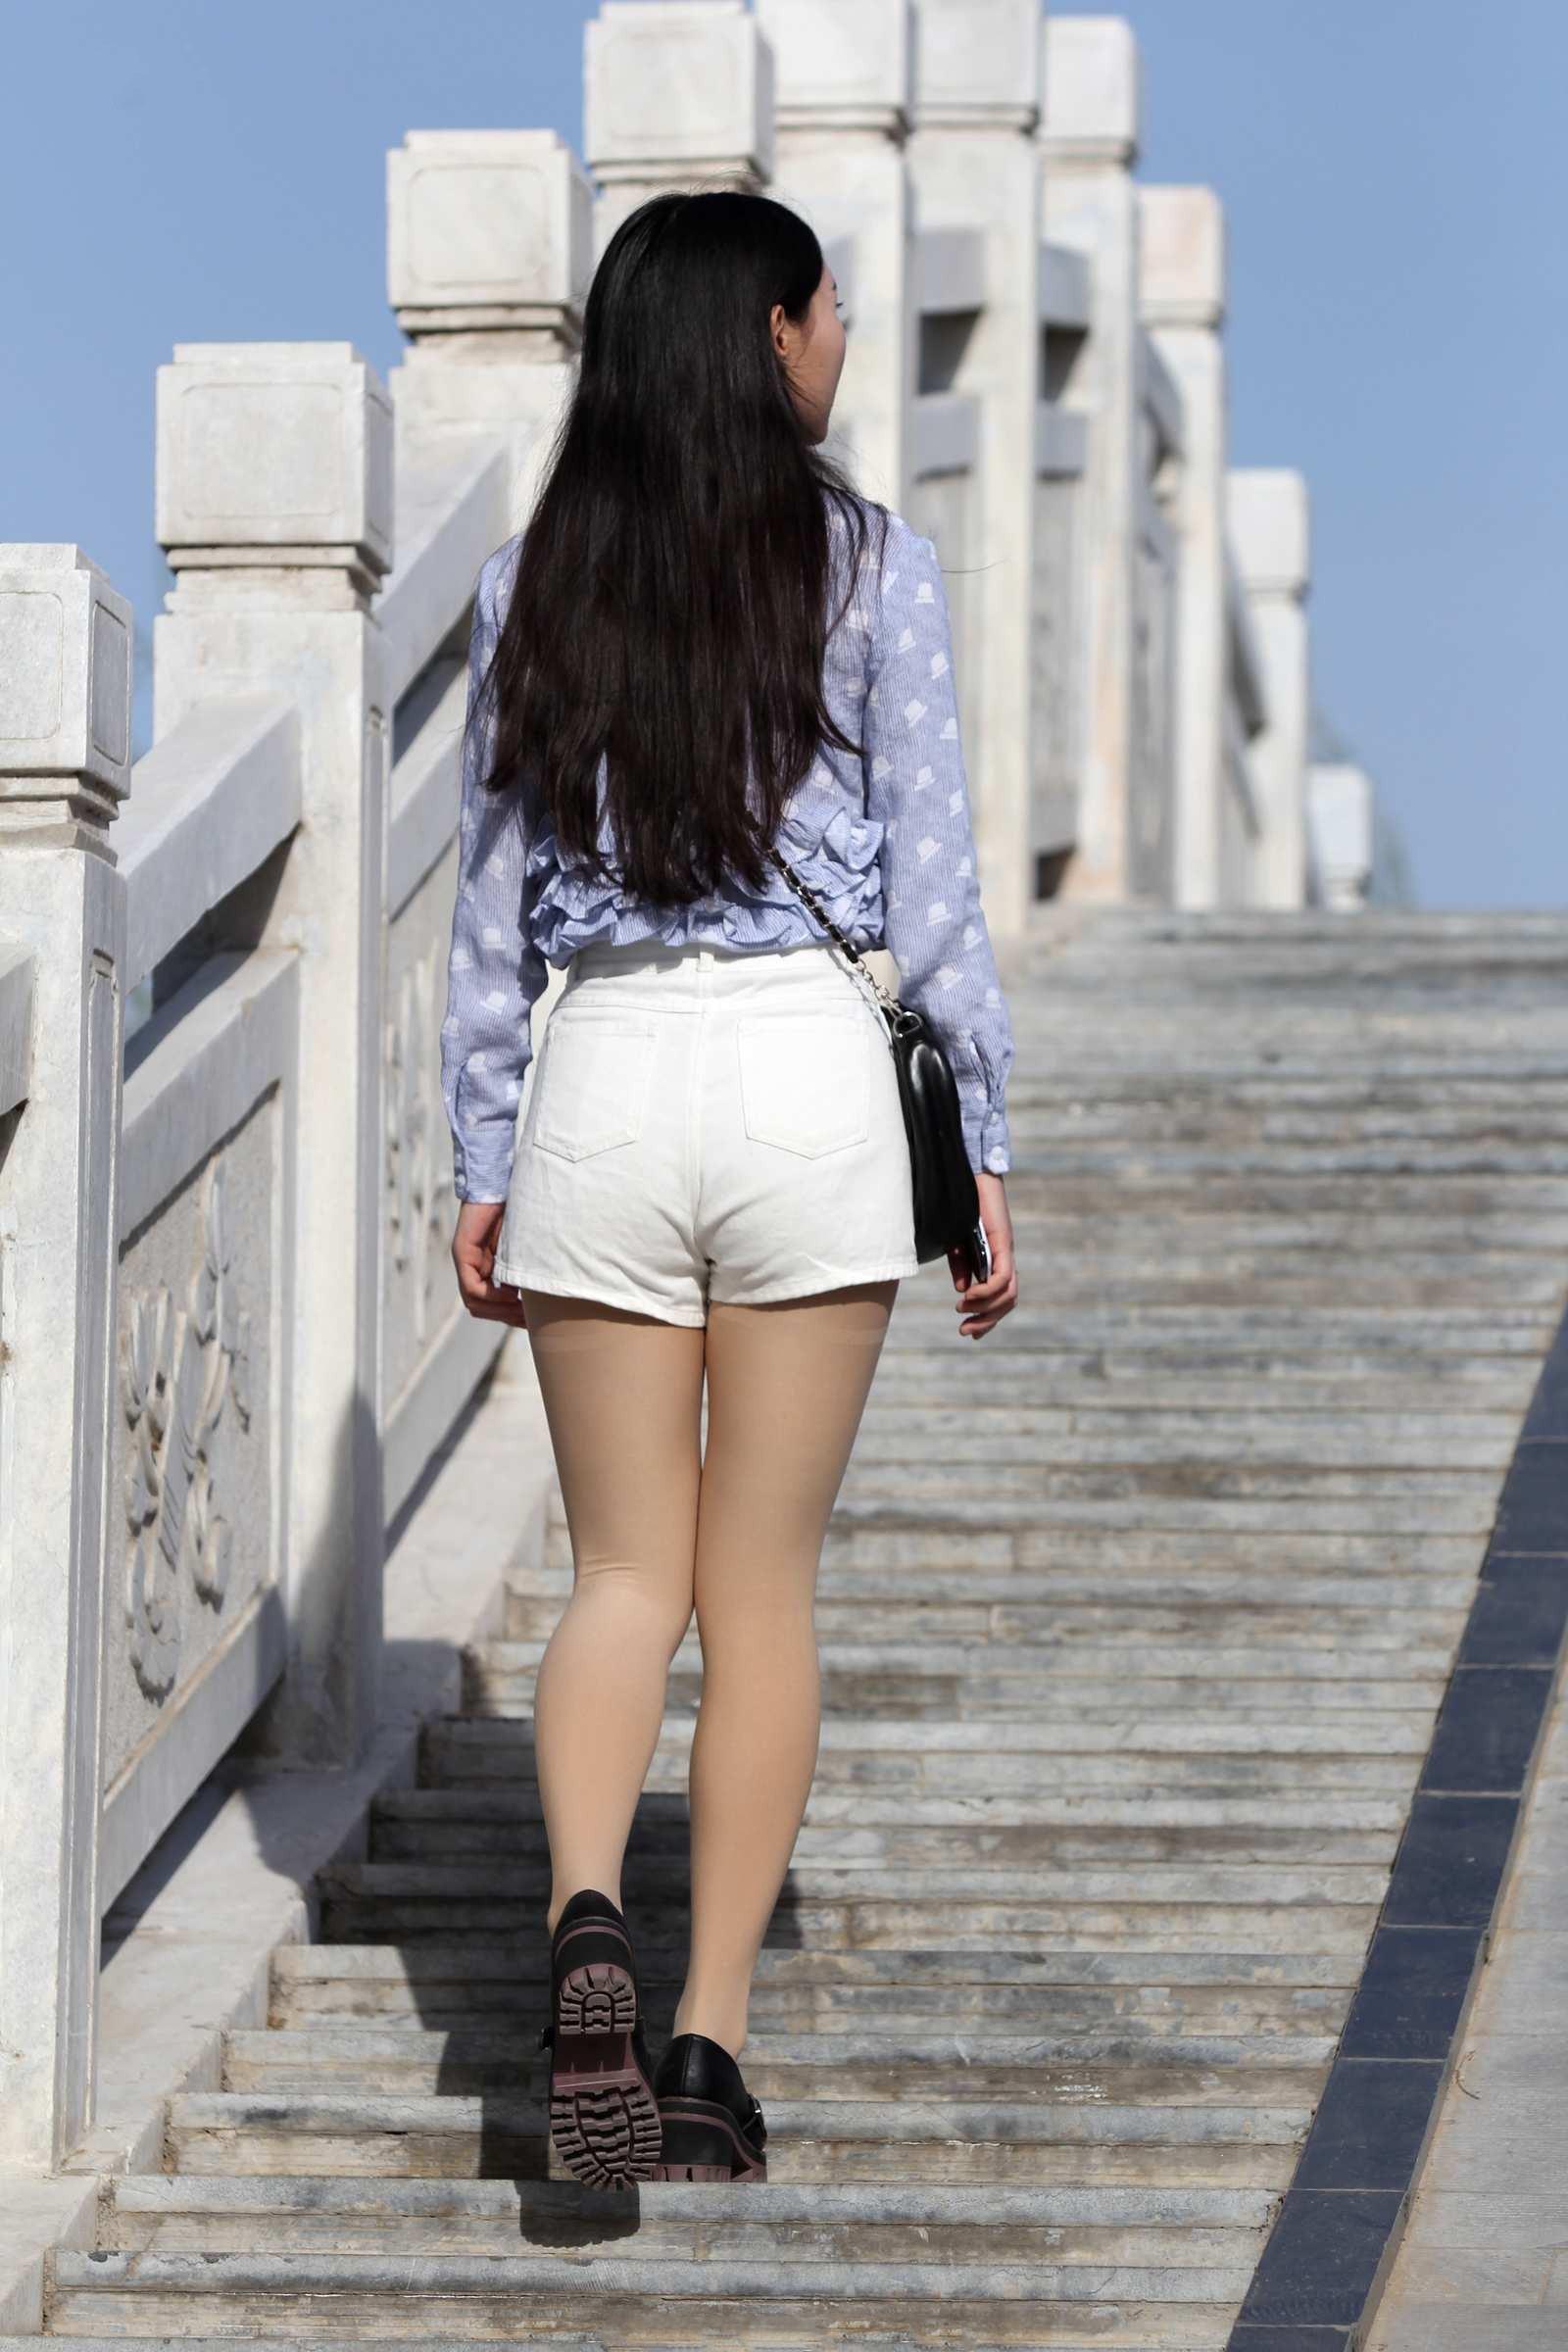 街拍联盟 桥上看风景的热裤美女,背影很清纯